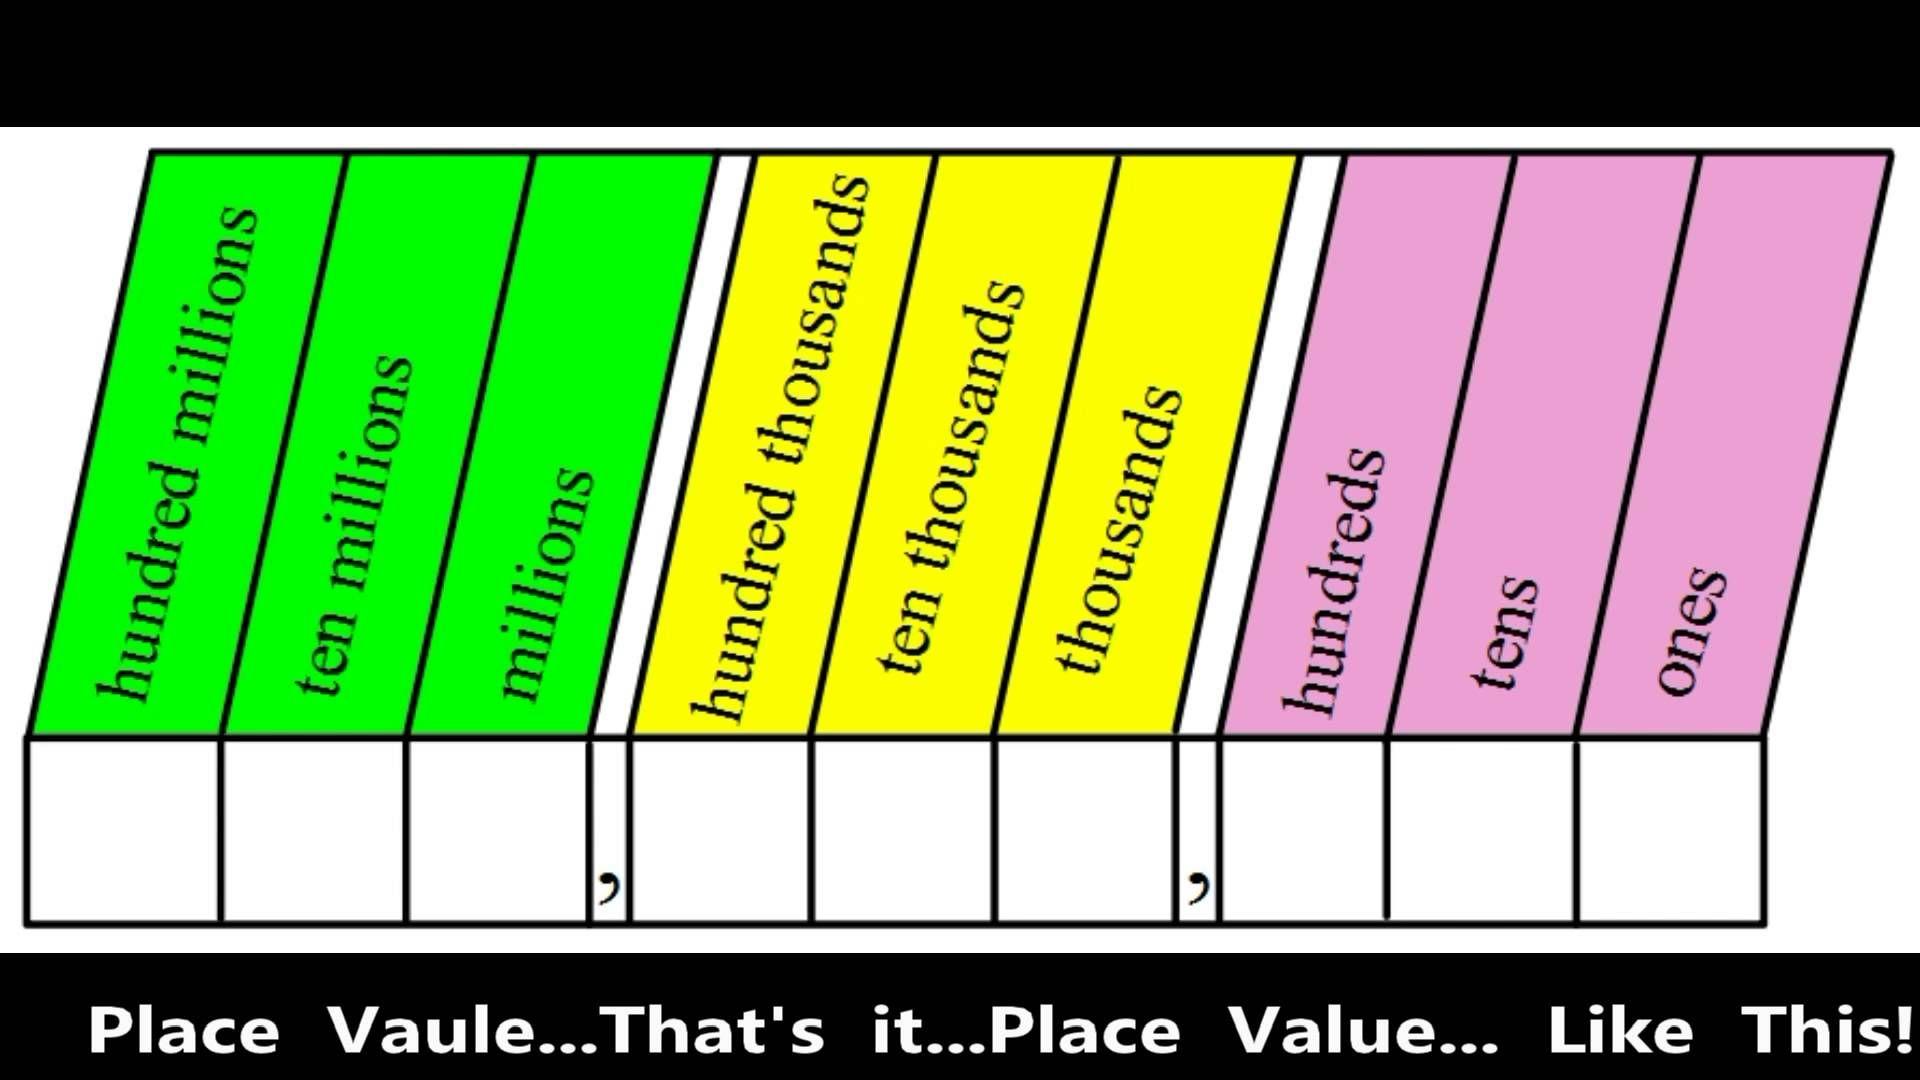 Place Value Fancy